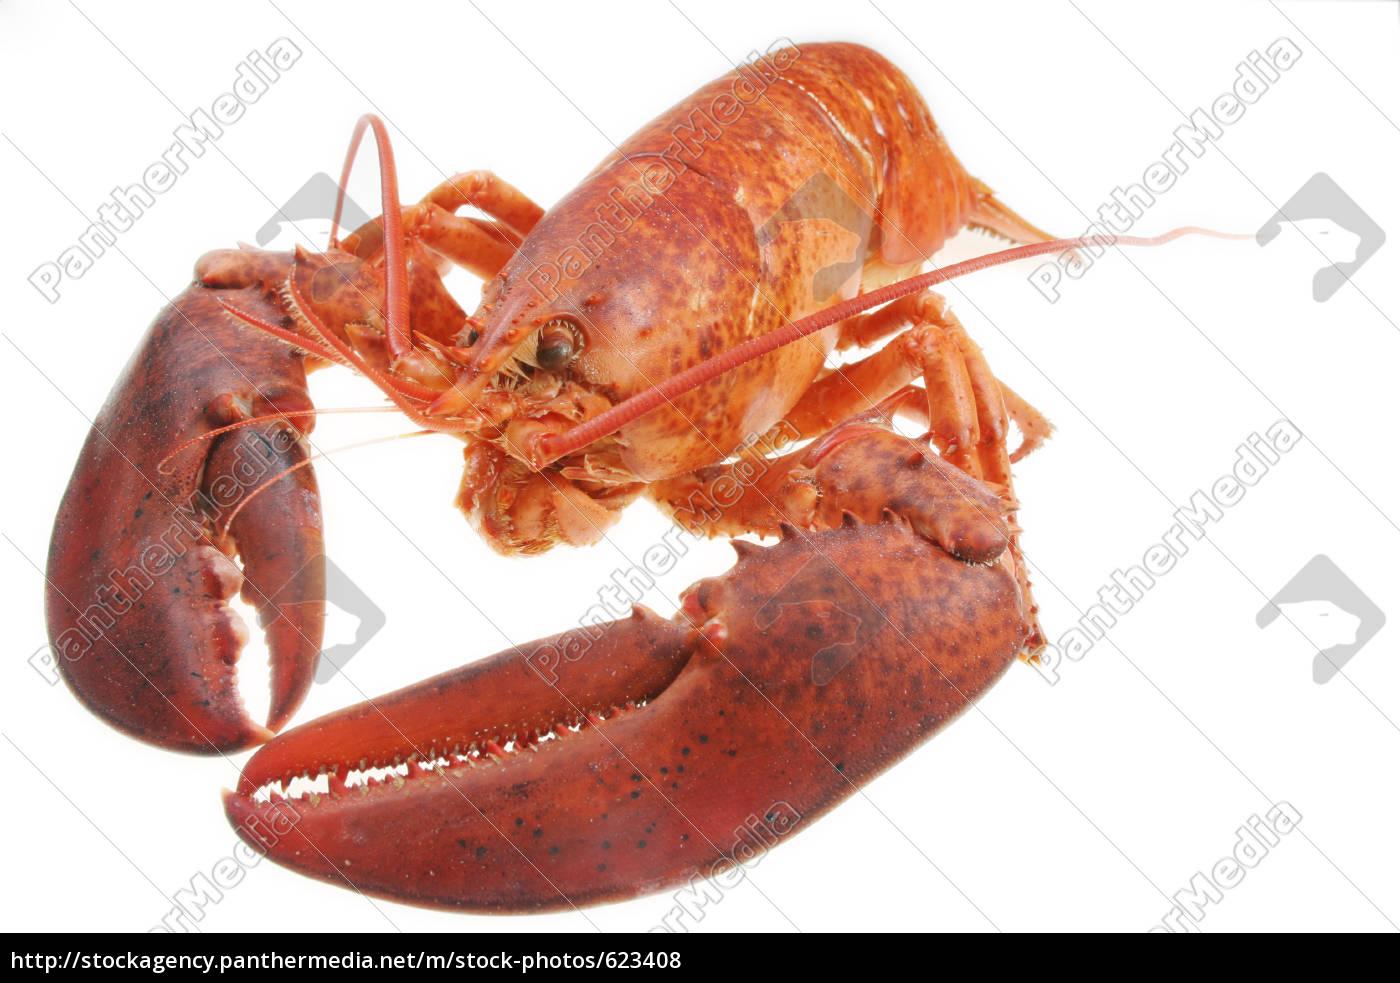 lobster - 623408